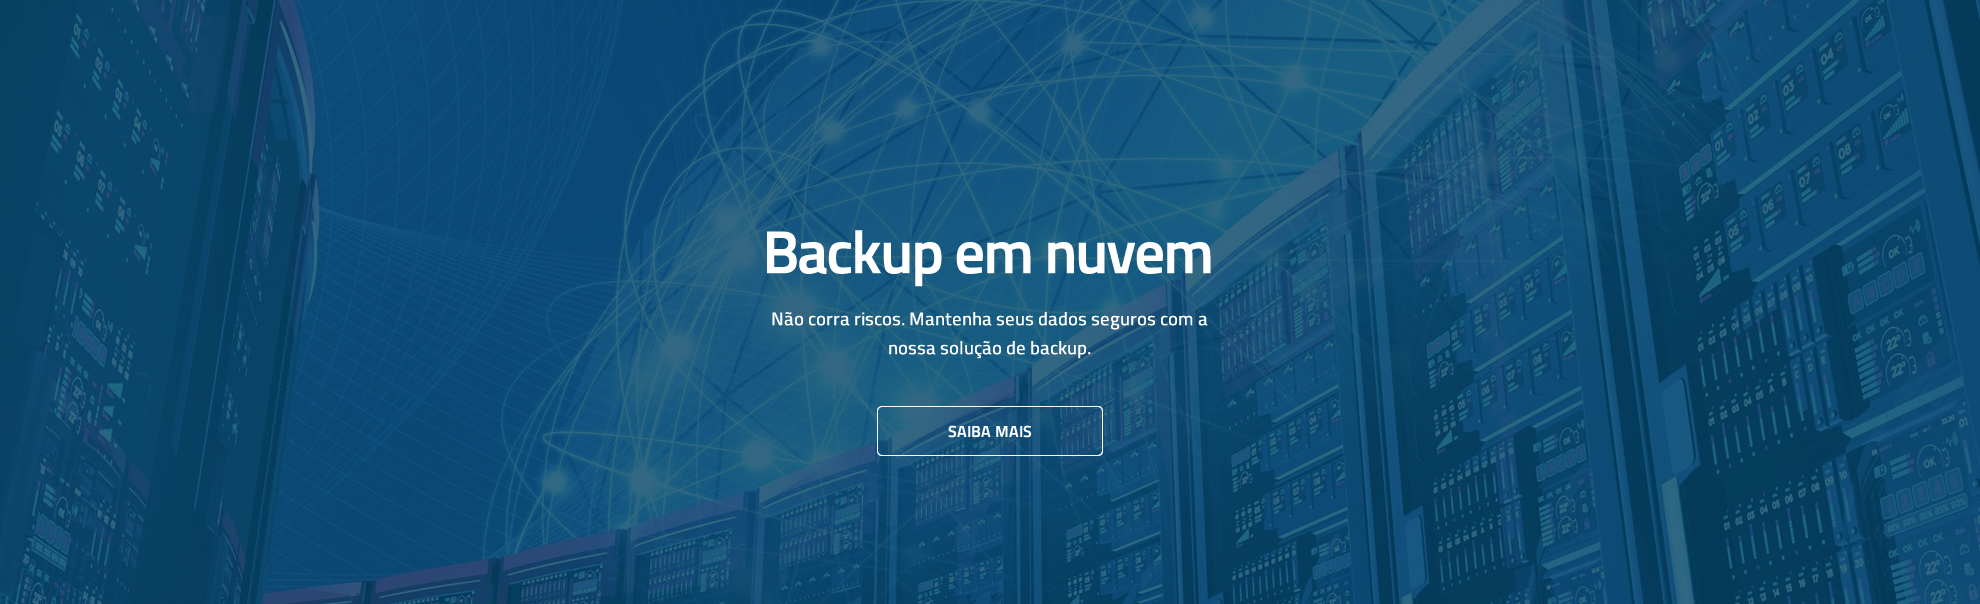 http://3solutions.com.br/destaque/backup-em-nuvem/